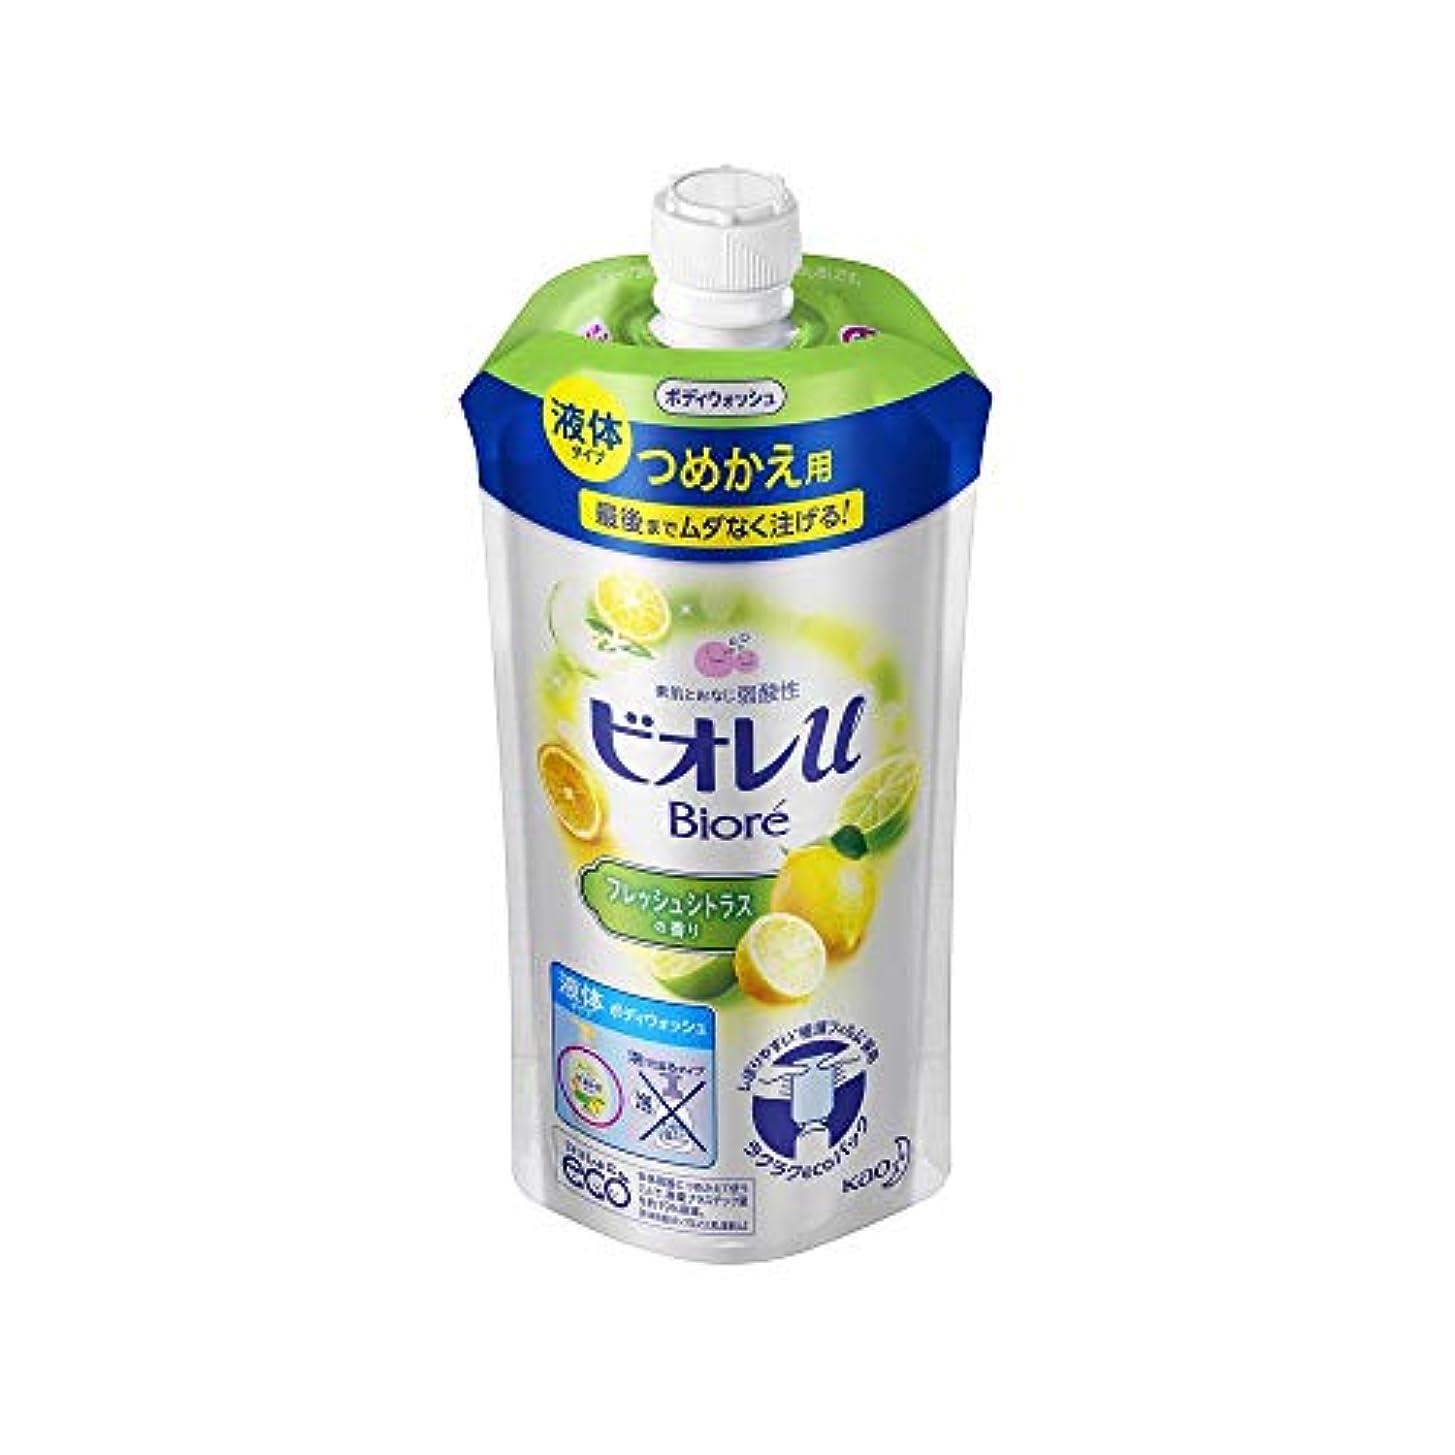 ナサニエル区ゴミ箱ぼかし花王 ビオレu フレッシュシトラスの香りつめかえ用 340ML